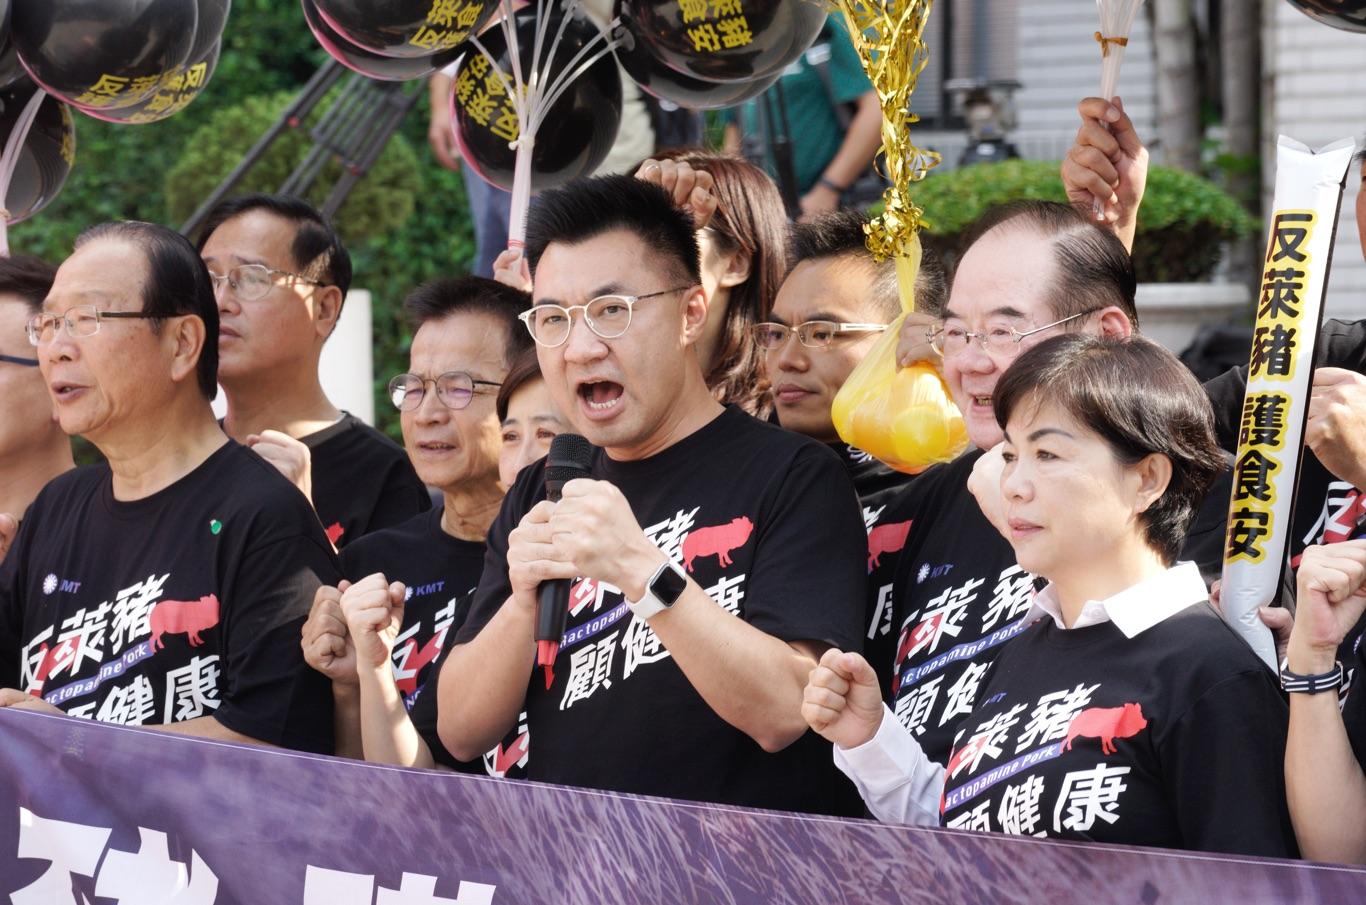 現場直擊》國民黨抬3頭道具豬反萊豬 呼籲全民週日走上街頭反萊豬   政治   新頭殼 Newtalk